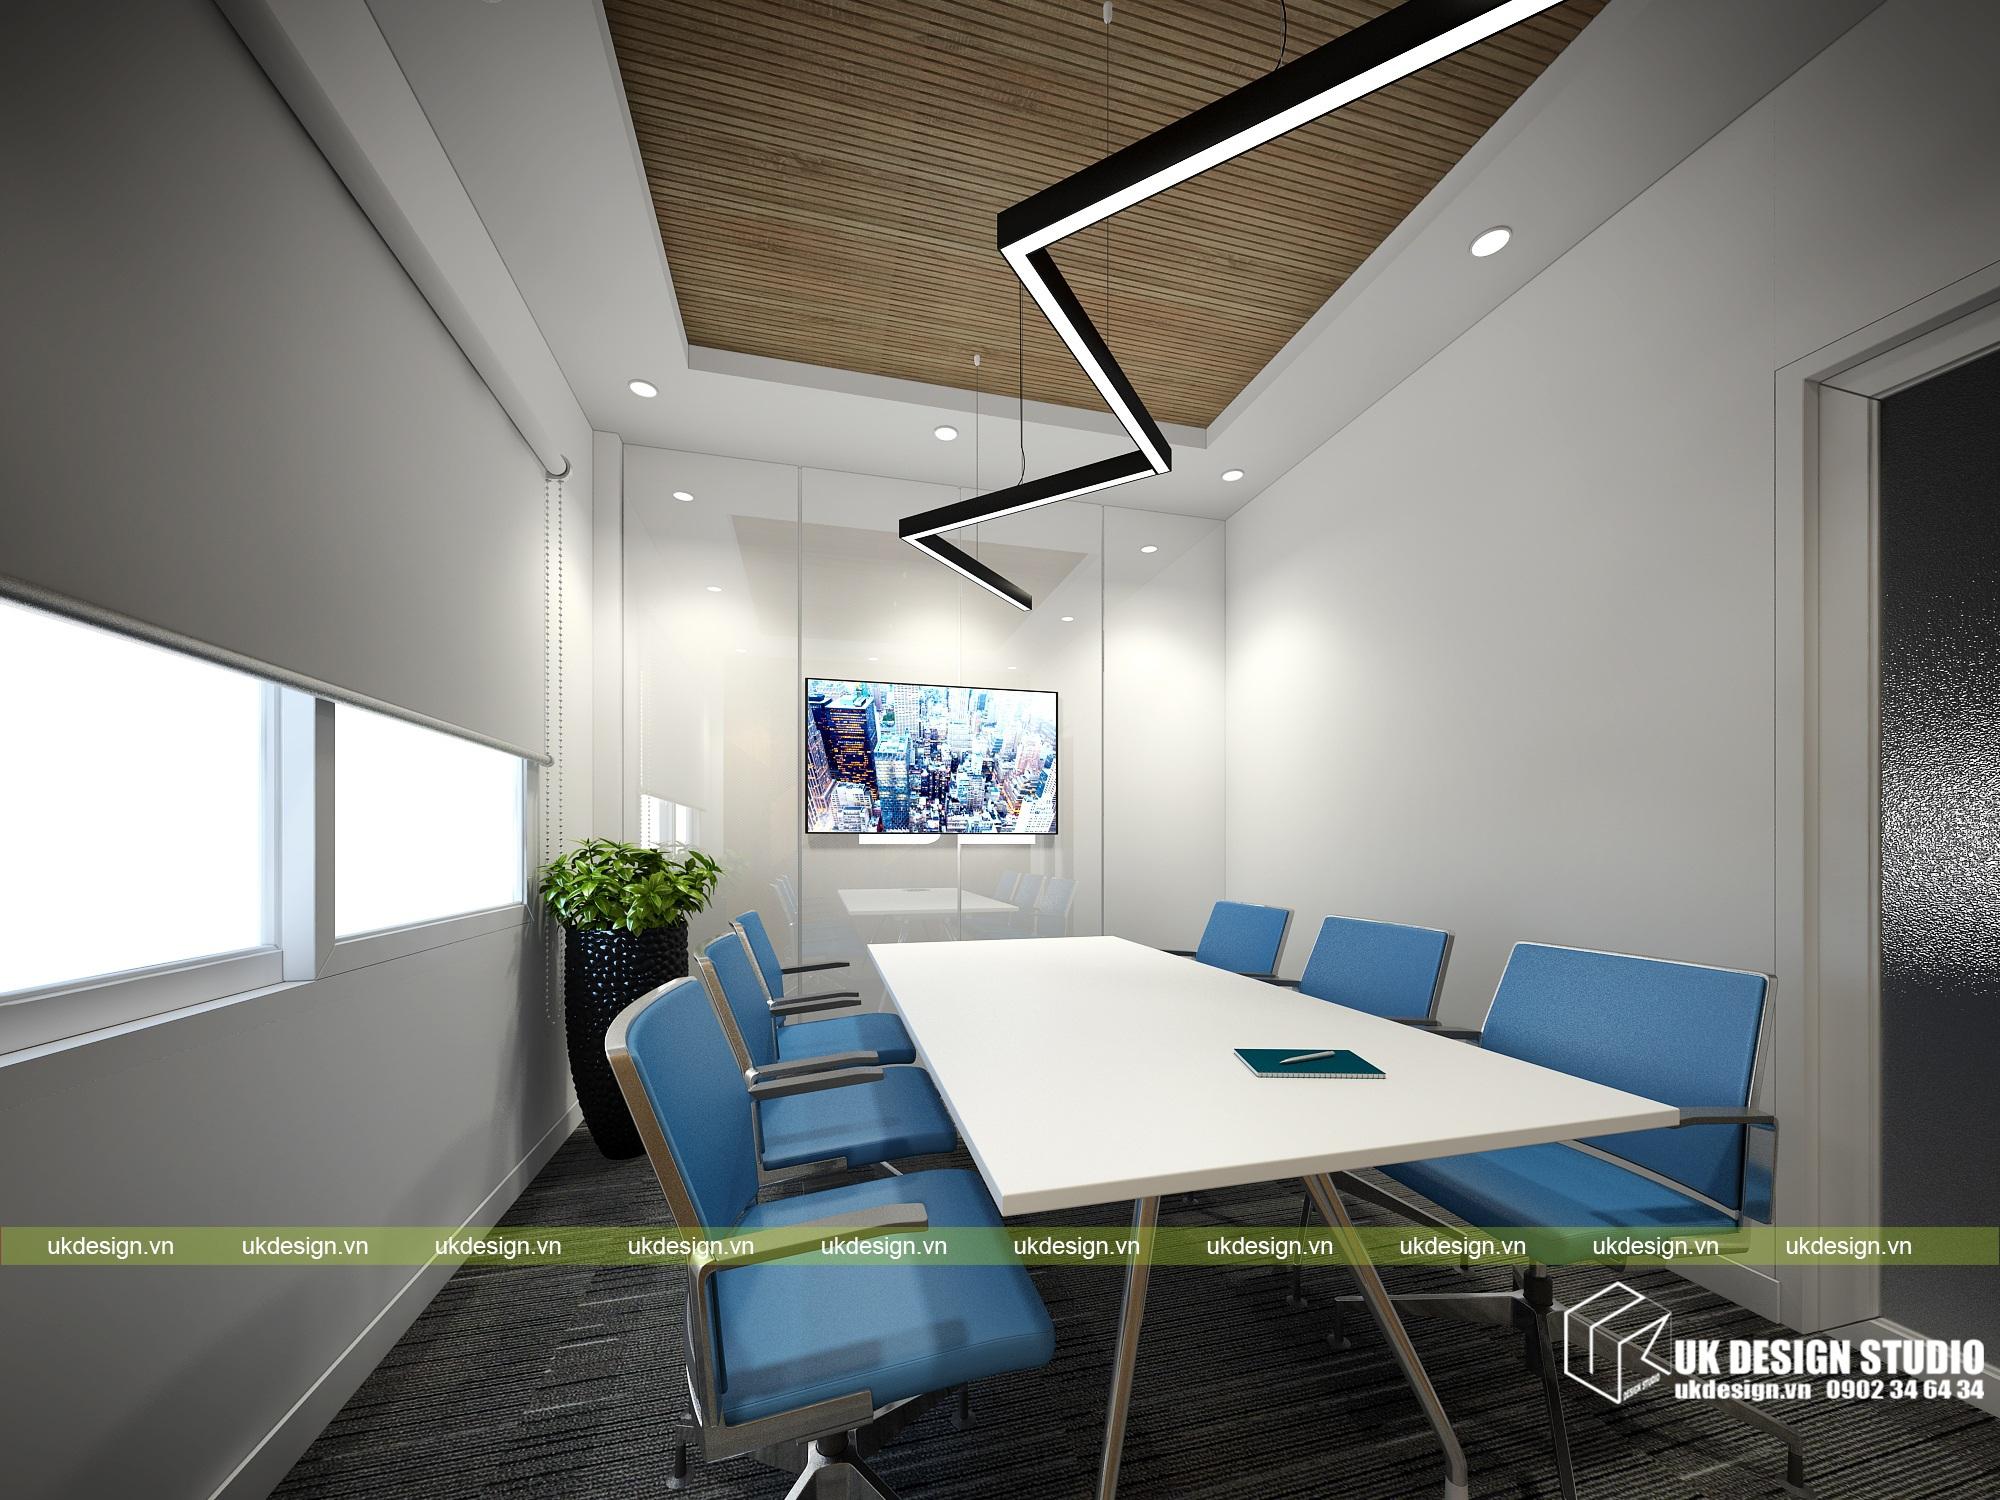 Thiết kế nội thất nhà phố hiện đại kết hợp văn phòng kinh doanh - 18